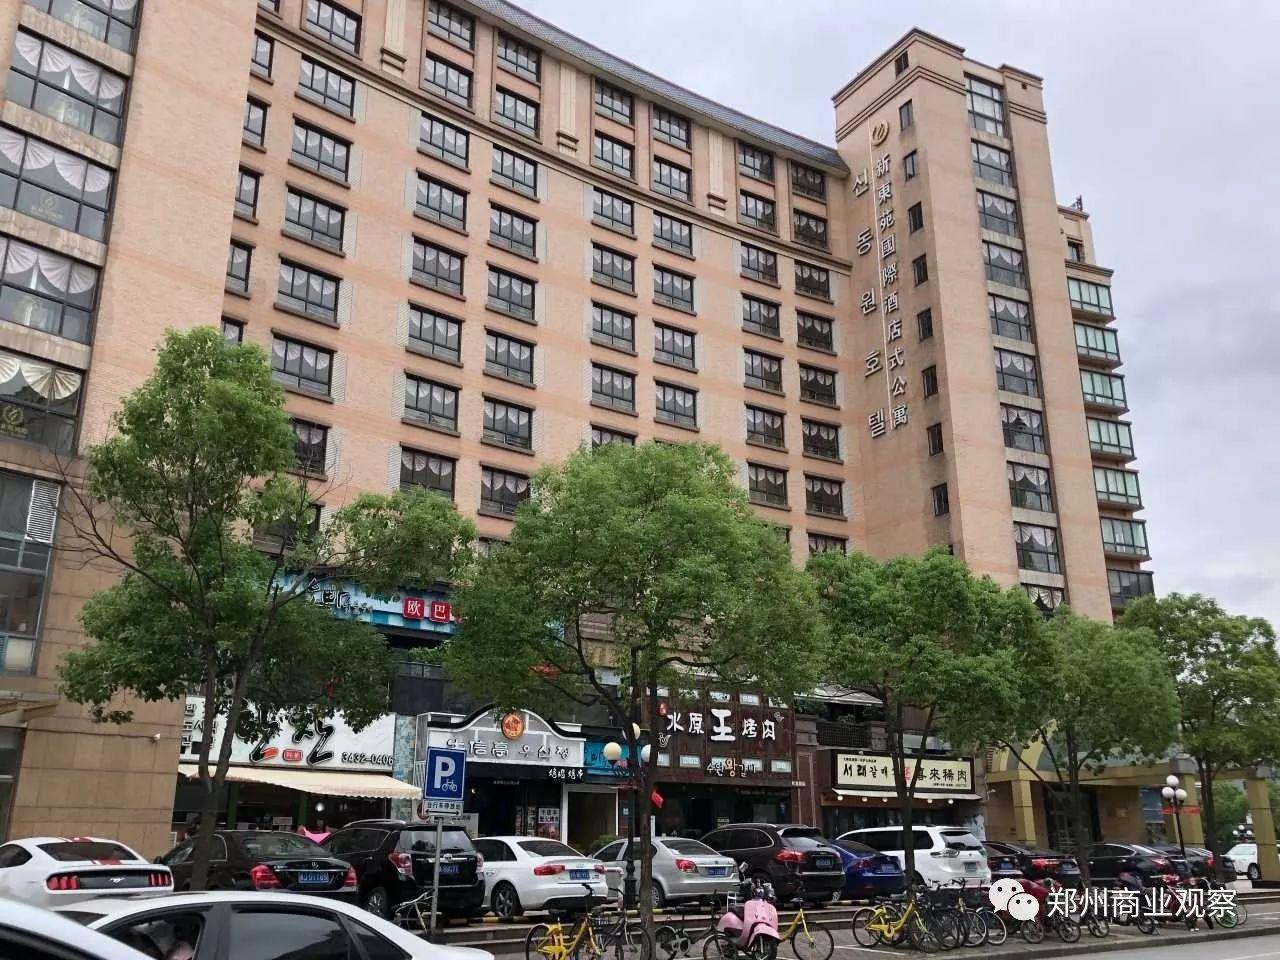 探访上海万象城,带给我哪些思考?